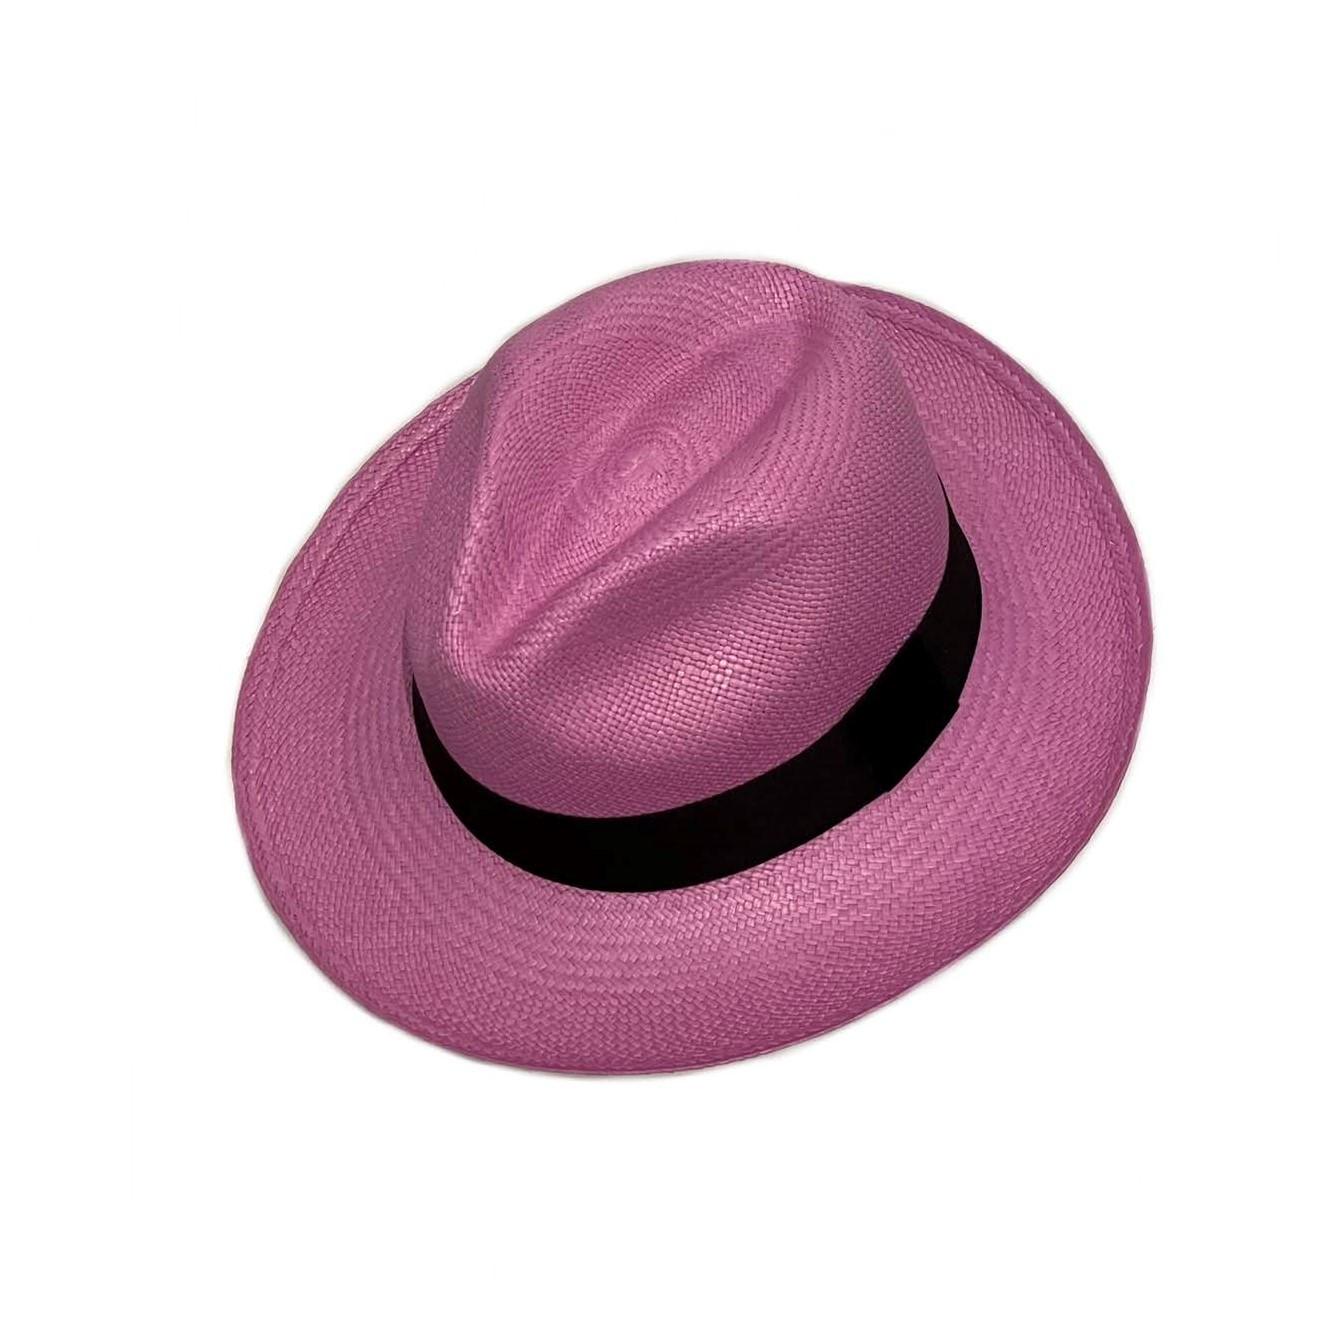 100% autenticado diseño hábil el precio más baratas Sombrero de Paja Toquilla para Mujer